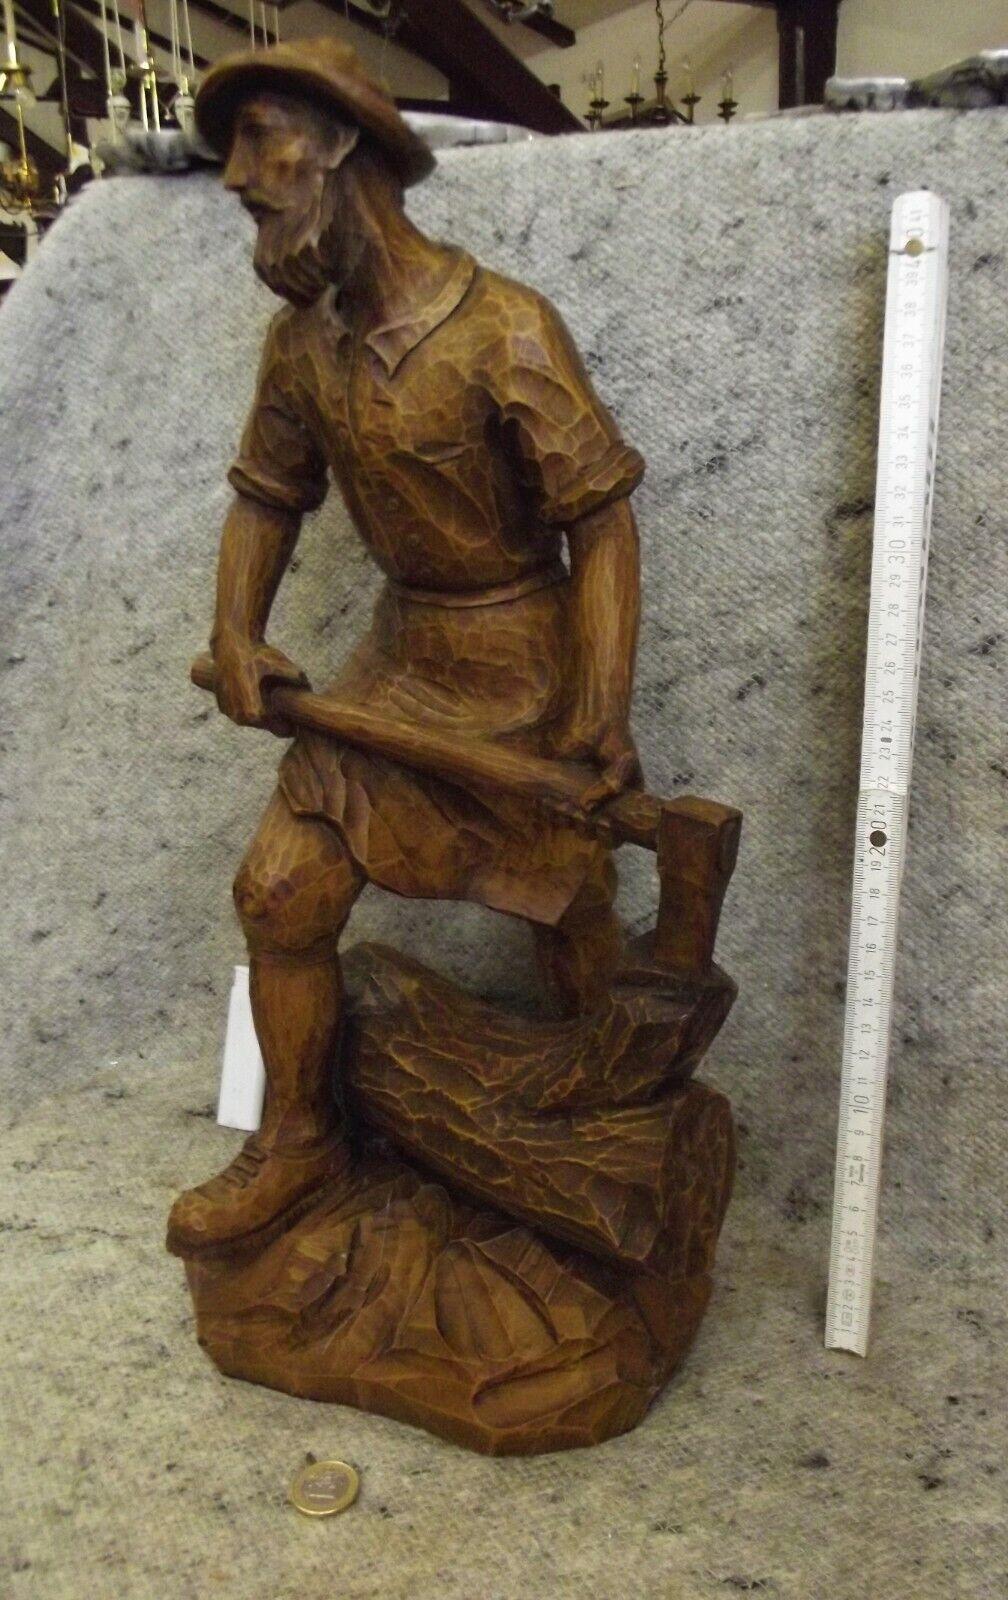 Holzskulptur, vollplastisch, groß, geschnitzt, Holzarbeiter, Patina, Qualität